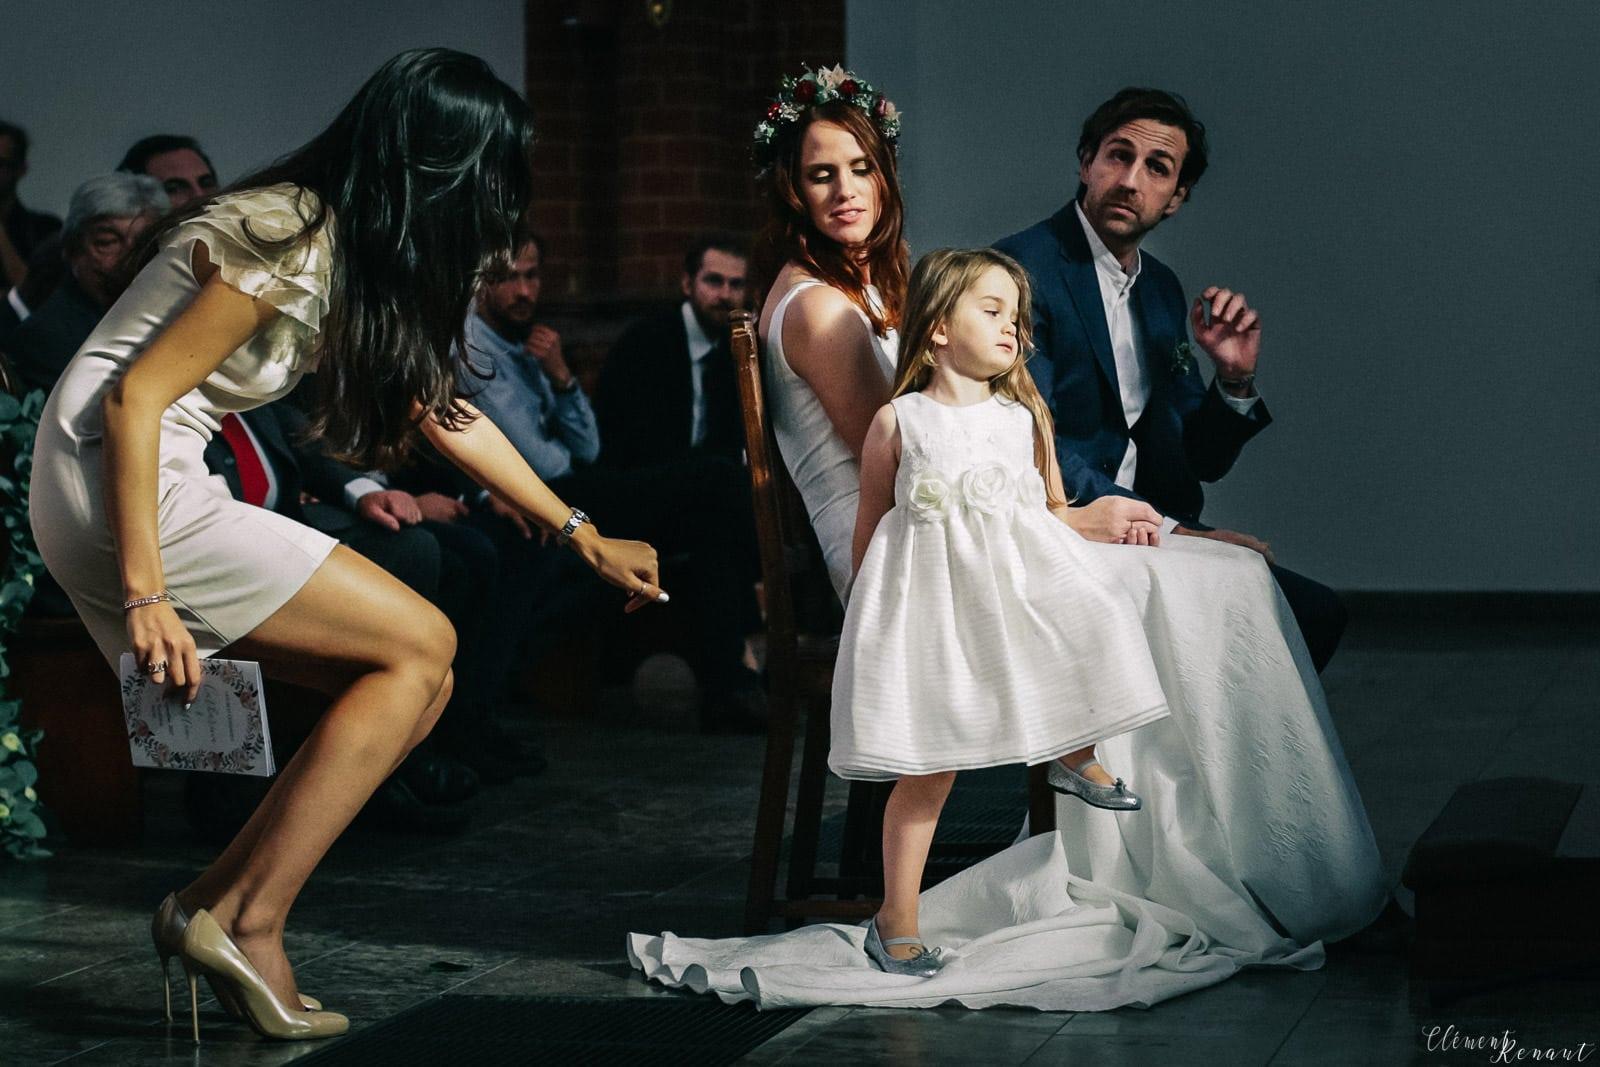 Photographe de mariage à Berlin - Enfant qui marche sur la robe de mariée